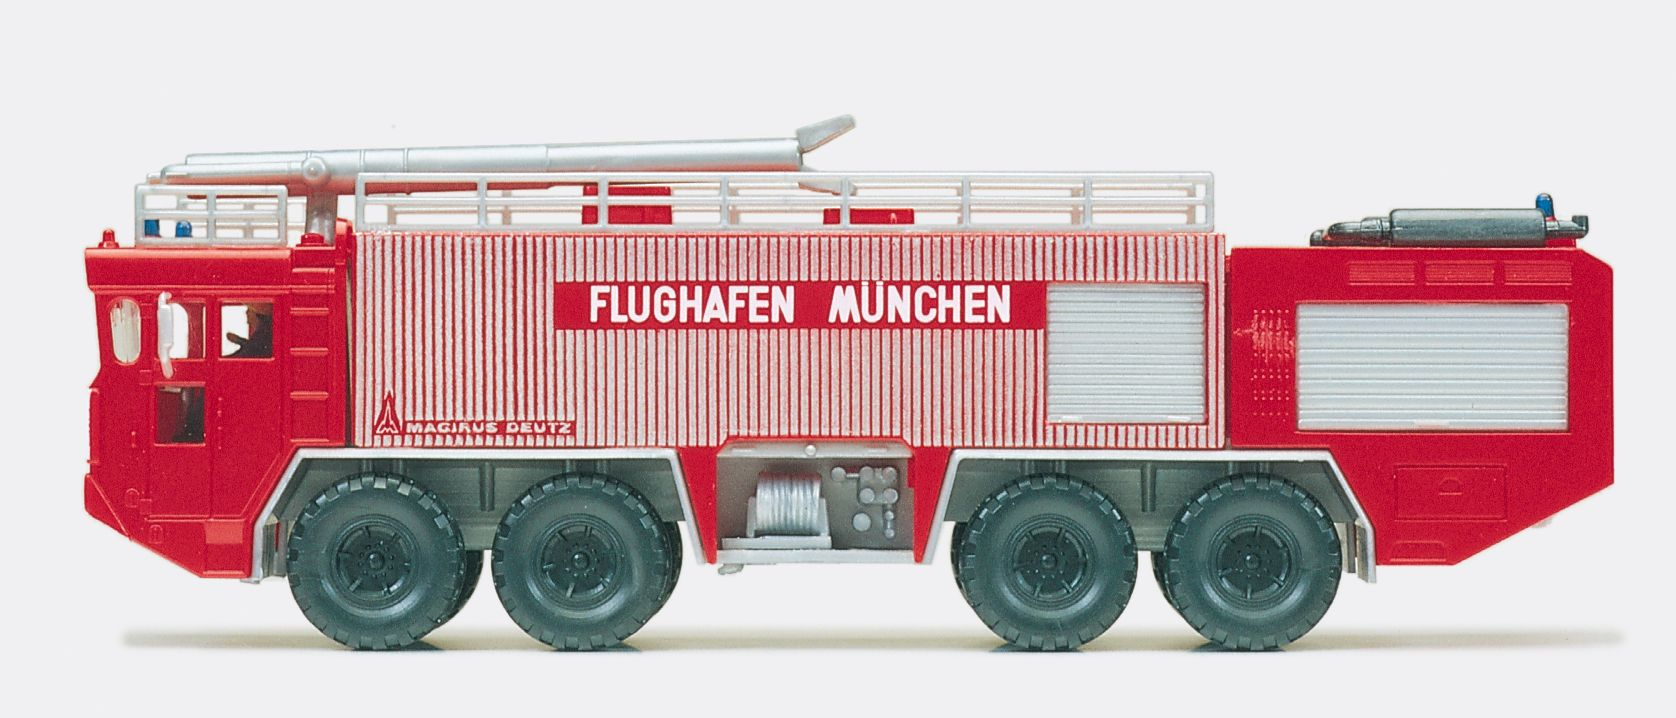 1:87 Feuerwehr Flugplatz-Löschfahrzeug FLF 80-200, Faun, Aufbau Mag.- Deutz, Flughafen München, Fertigmodell - Preiser 35008  | günstig bestellen bei Modelleisenbahn Center  MCS Vertriebs GmbH